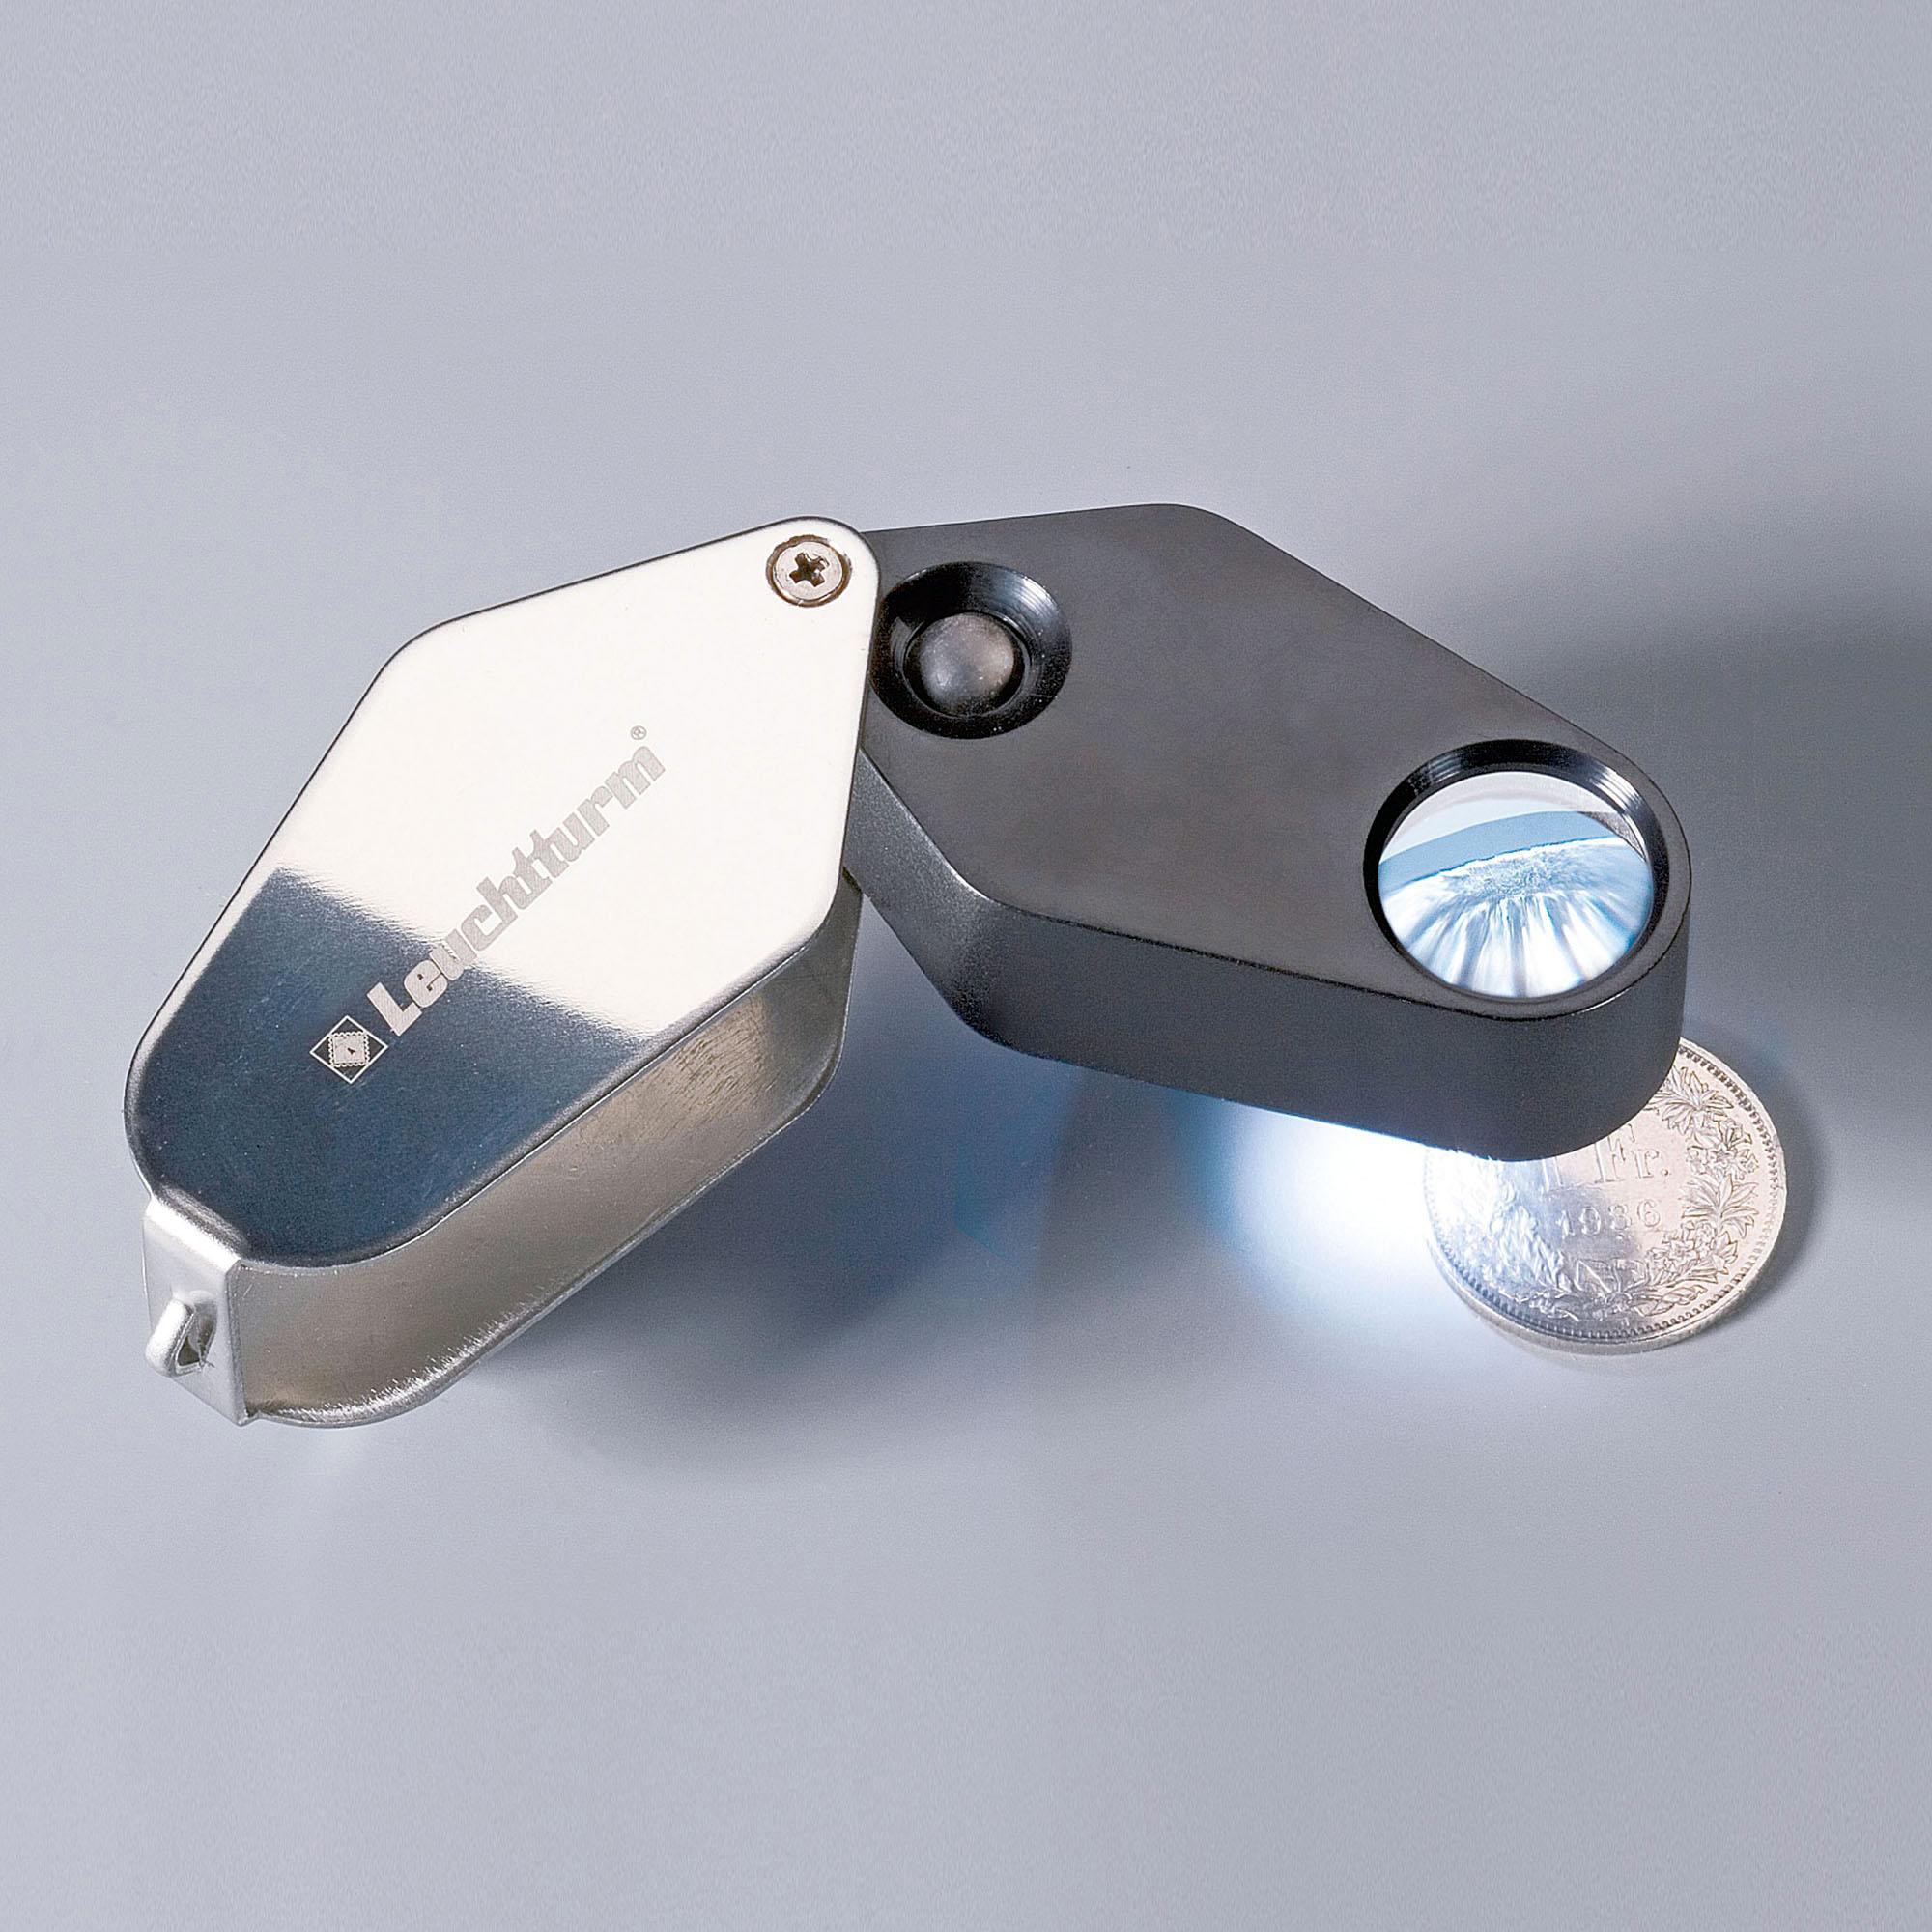 Лупа складная светодиодная 10-кратная LU 24